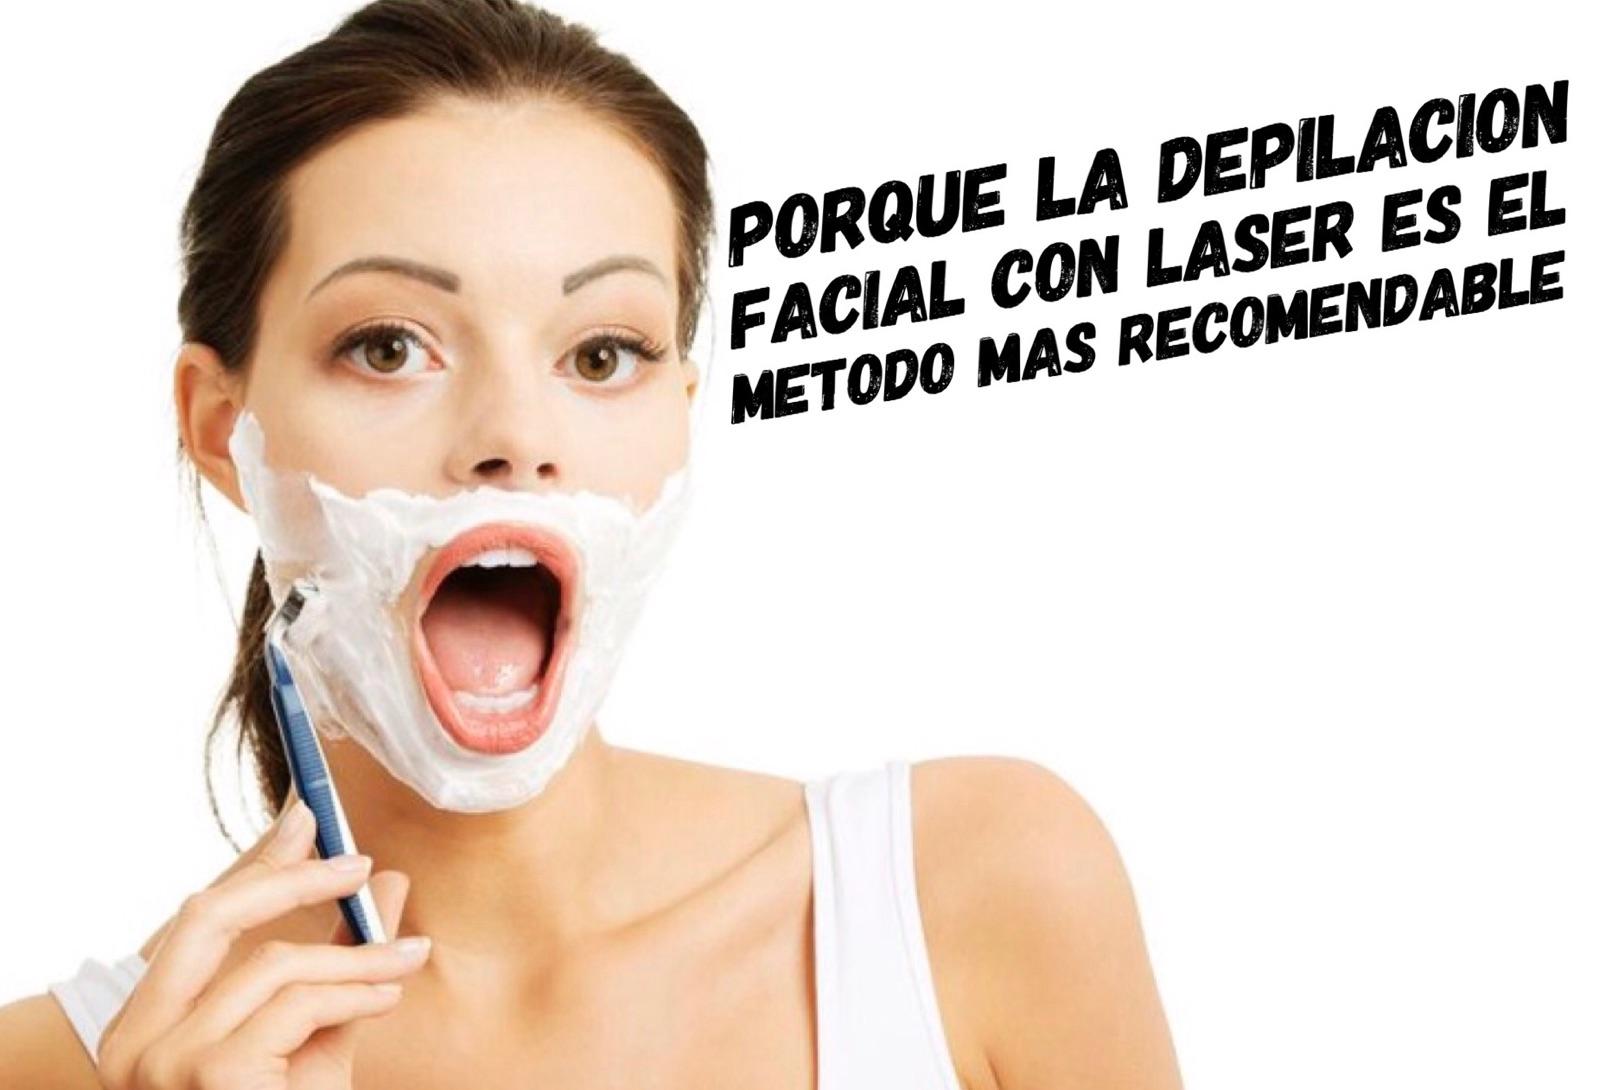 Porqué la depilación facial con láser es el método más recomendable